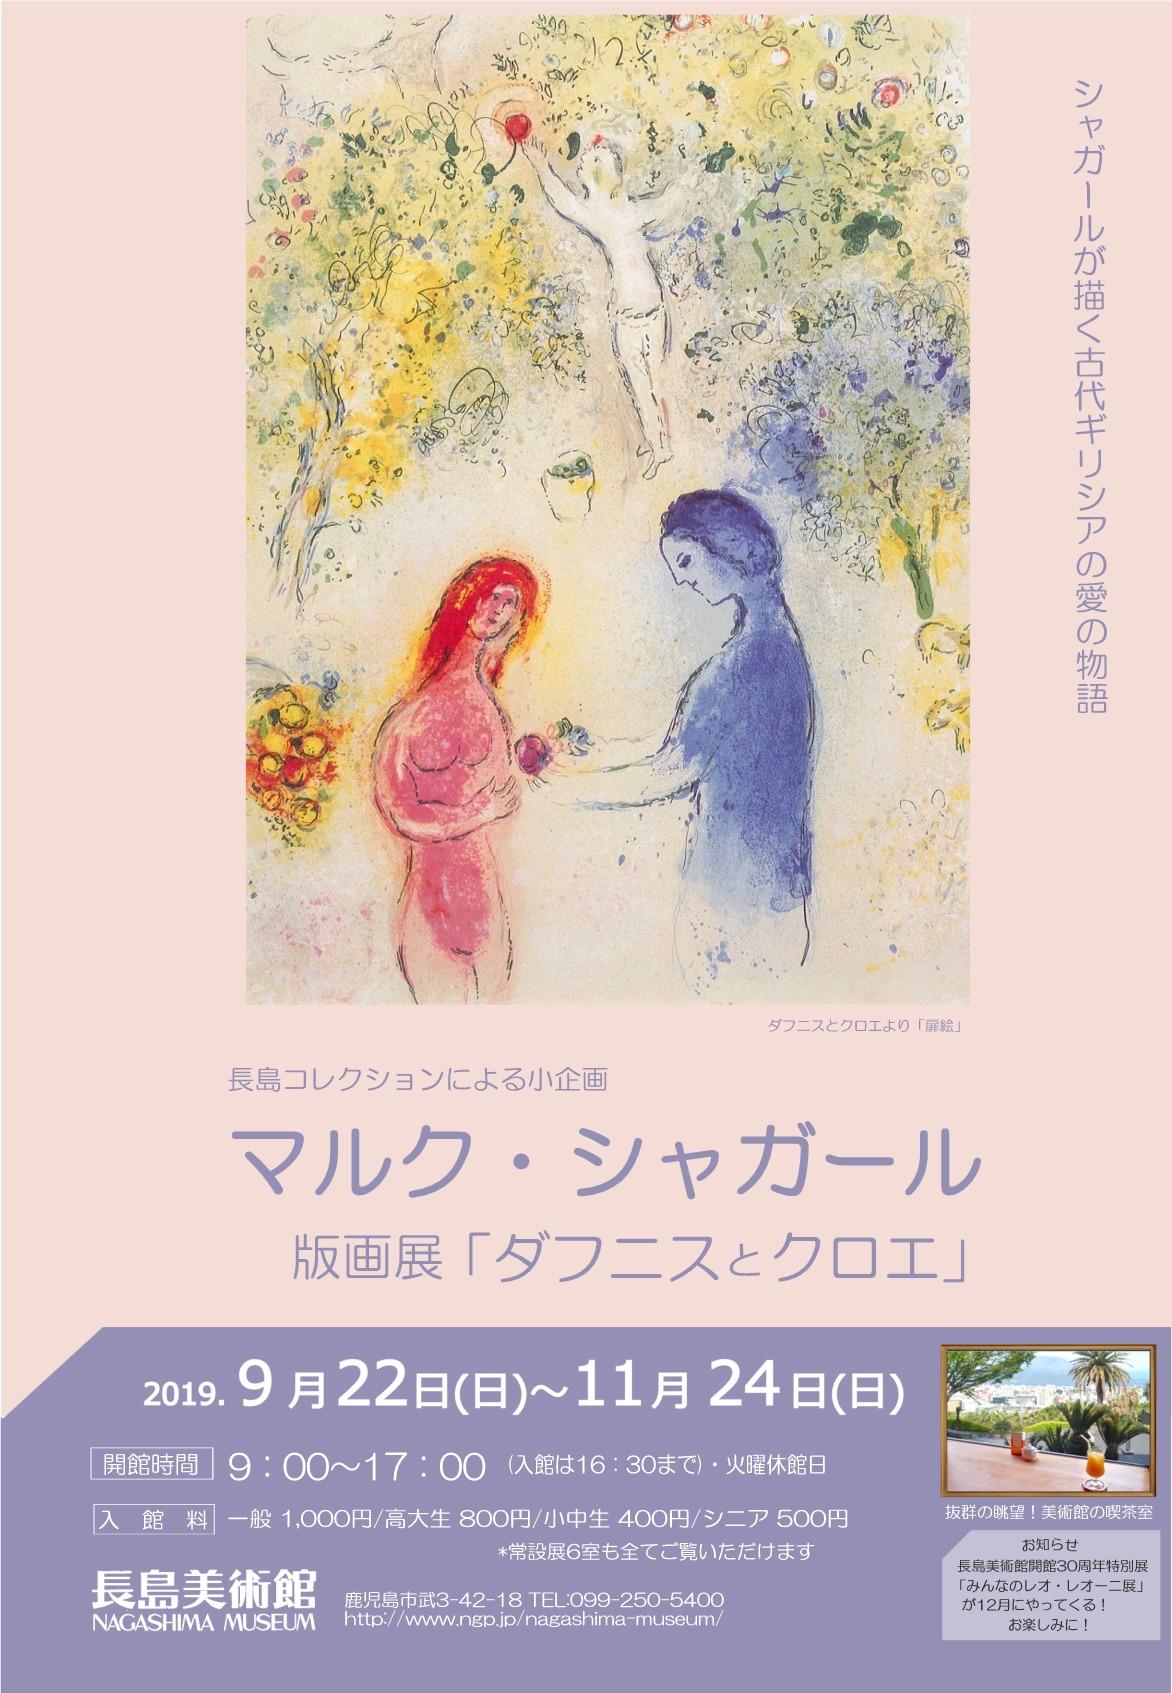 長島コレクションによる小企画 マルク・シャガール版画展「ダフニスとクロエ」